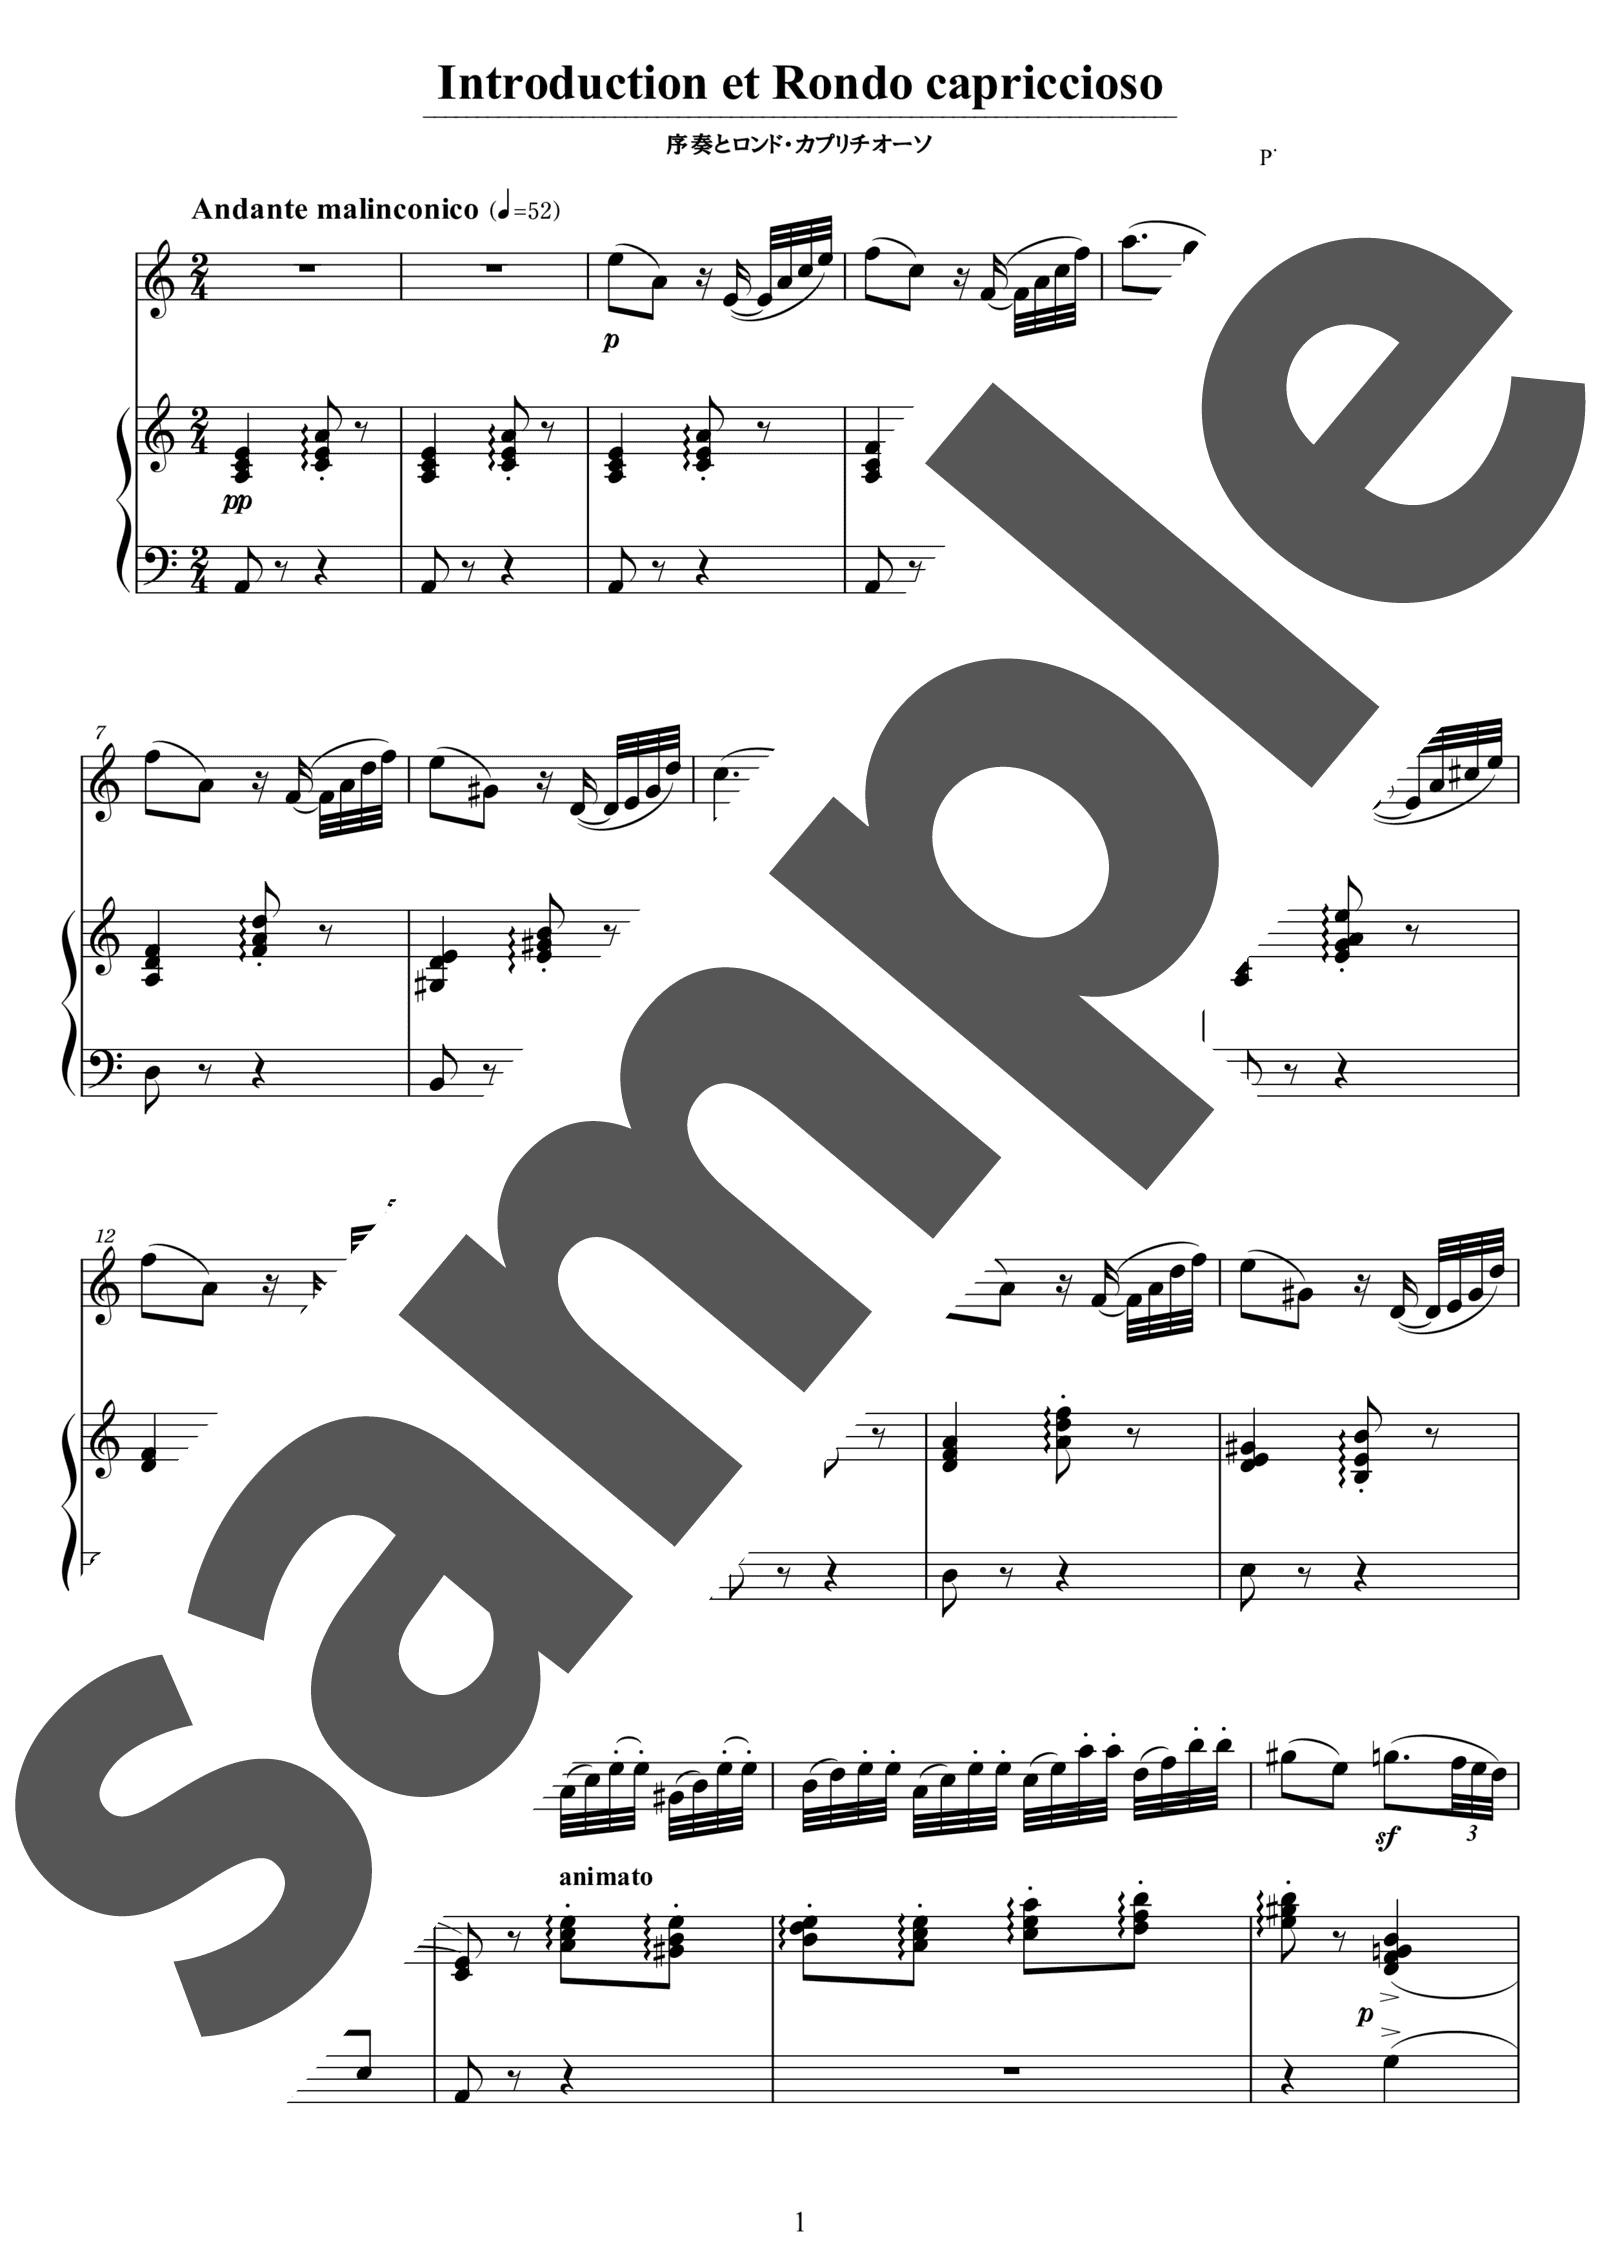 「序奏とロンド・カプリチオーソ」のサンプル楽譜